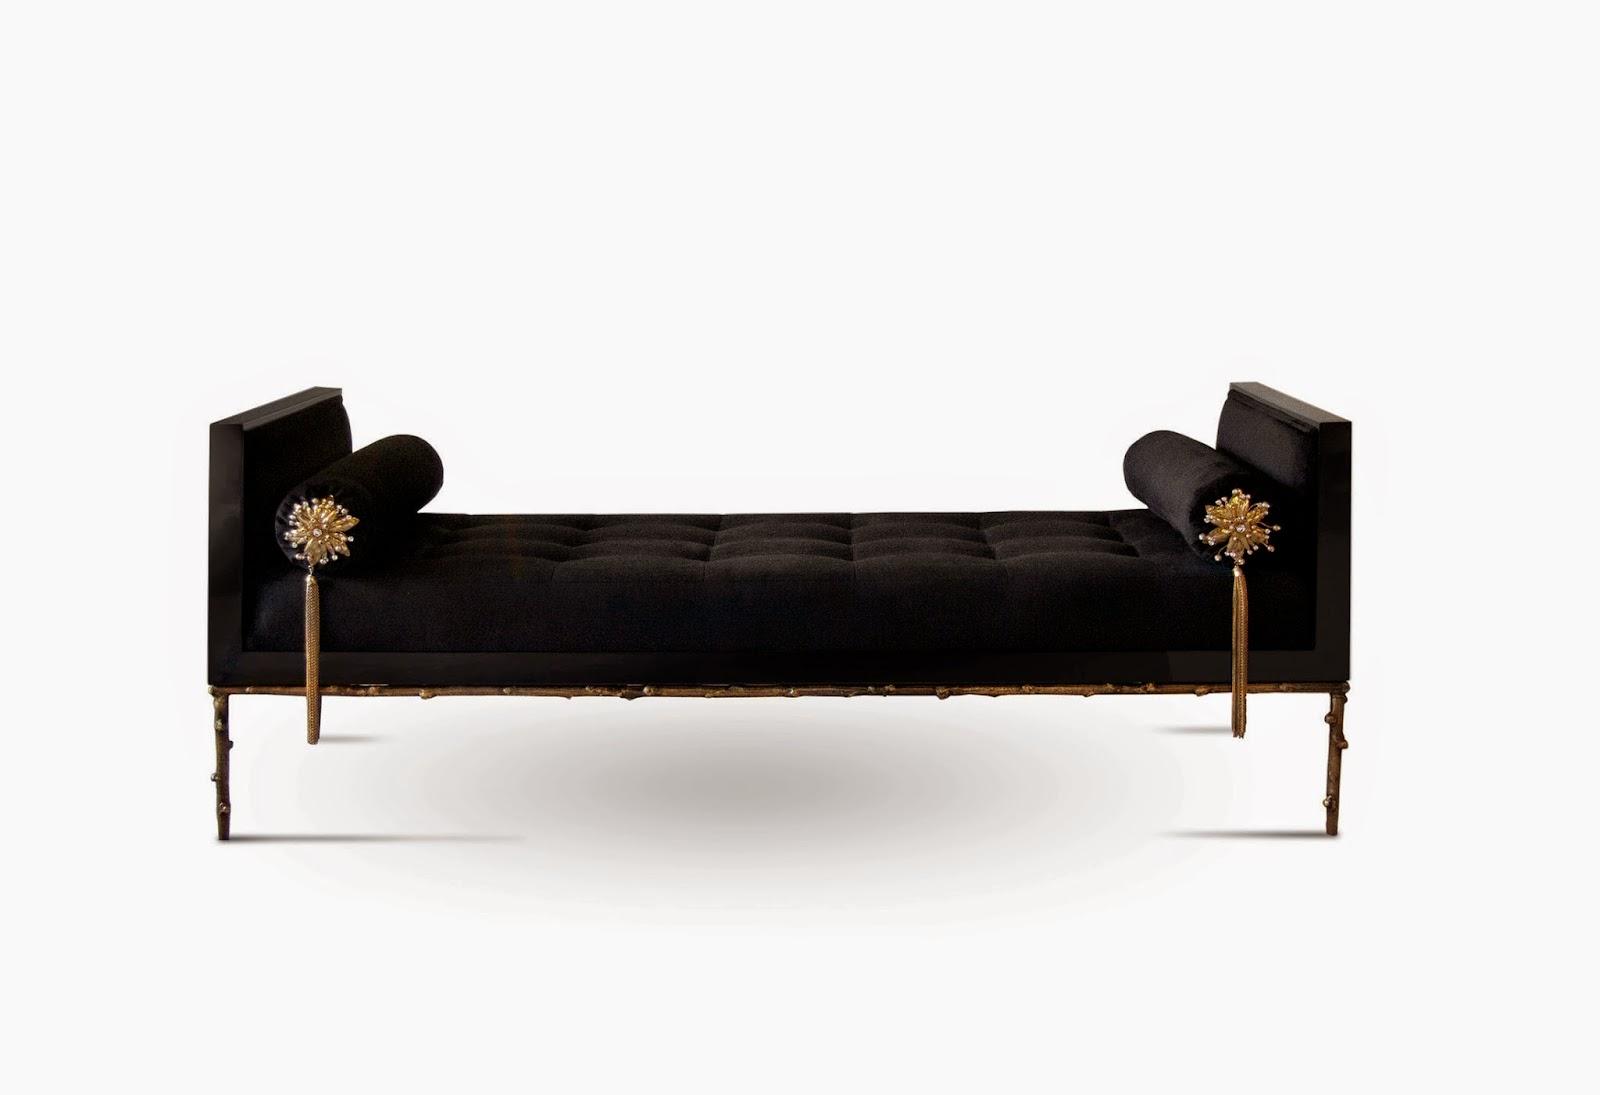 Dise o interior glosario de muebles for Almohadones divan